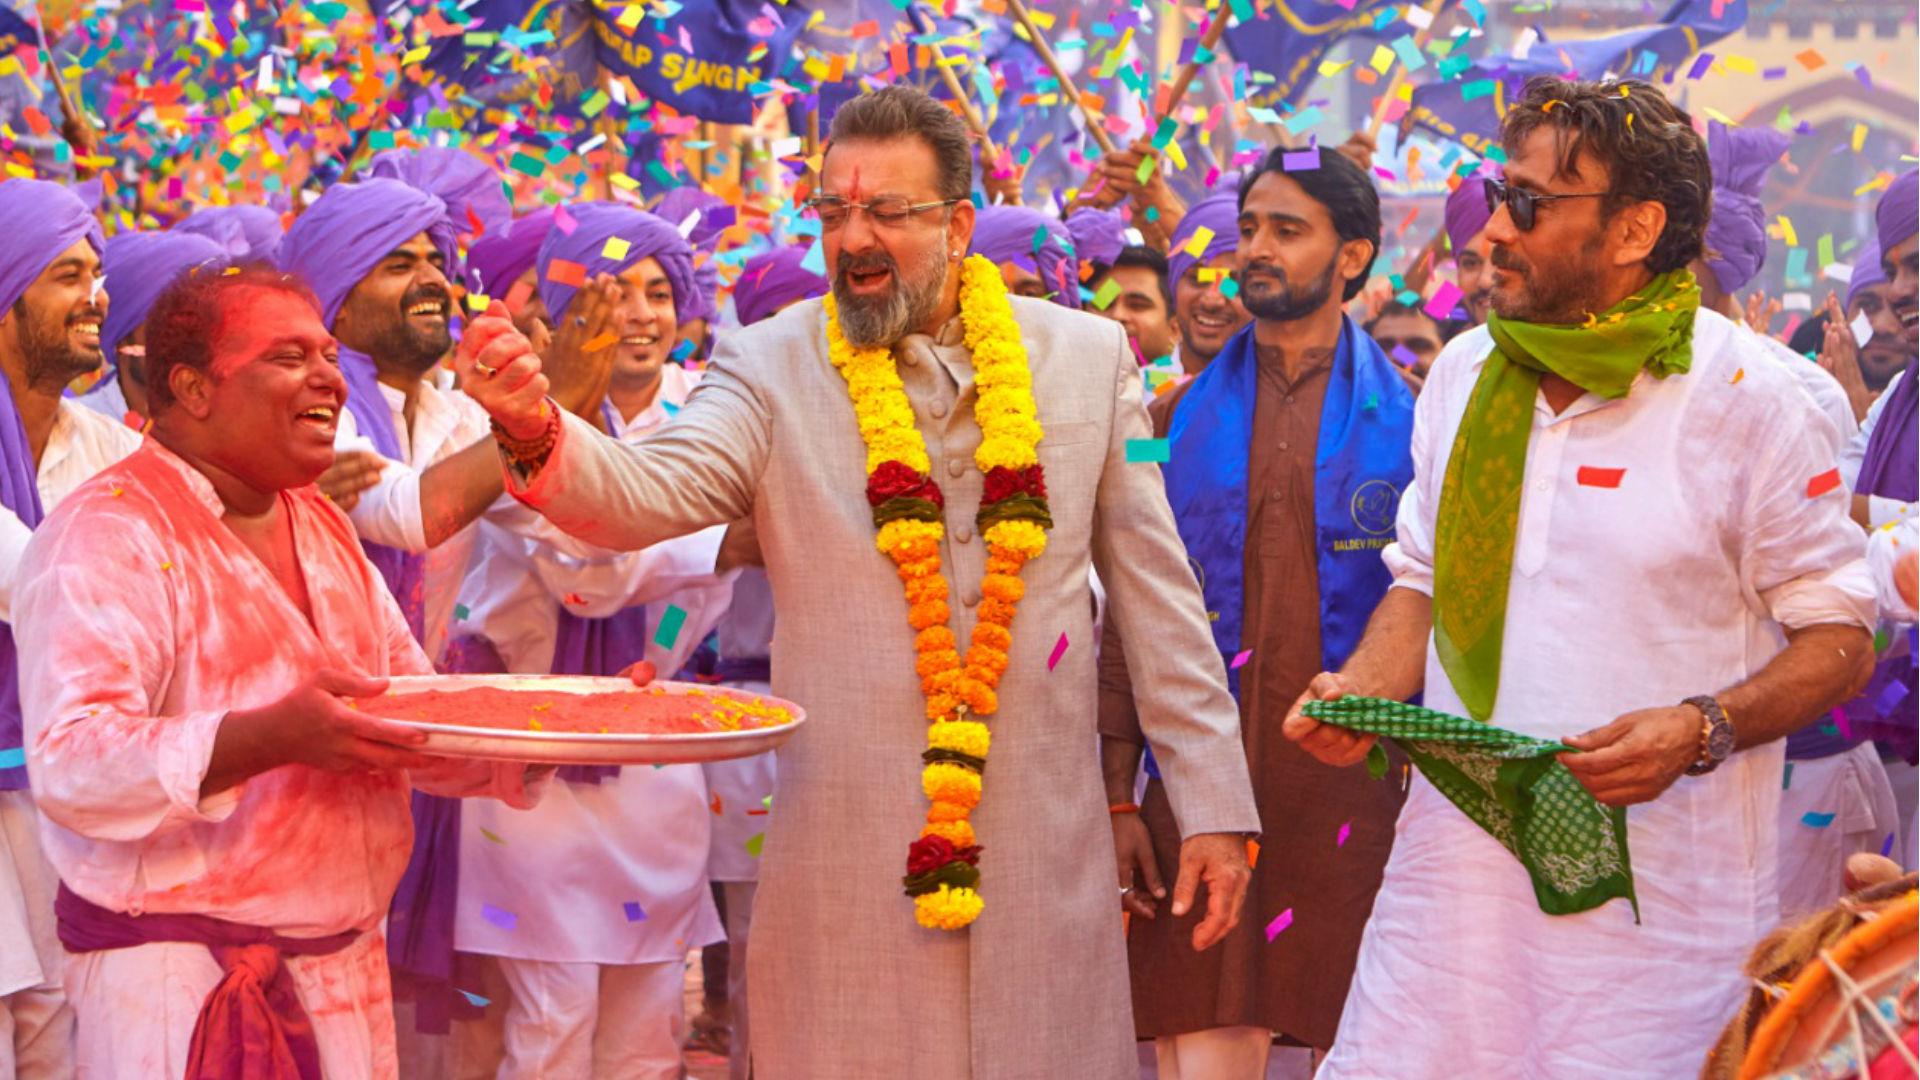 Prassthanam Movie: फिल्म में 12 साल बाद साथ आ रहे हैं संजय दत्त-जैकी श्रॉफ, ये थी इस जोड़ी की आखिरी मूवी